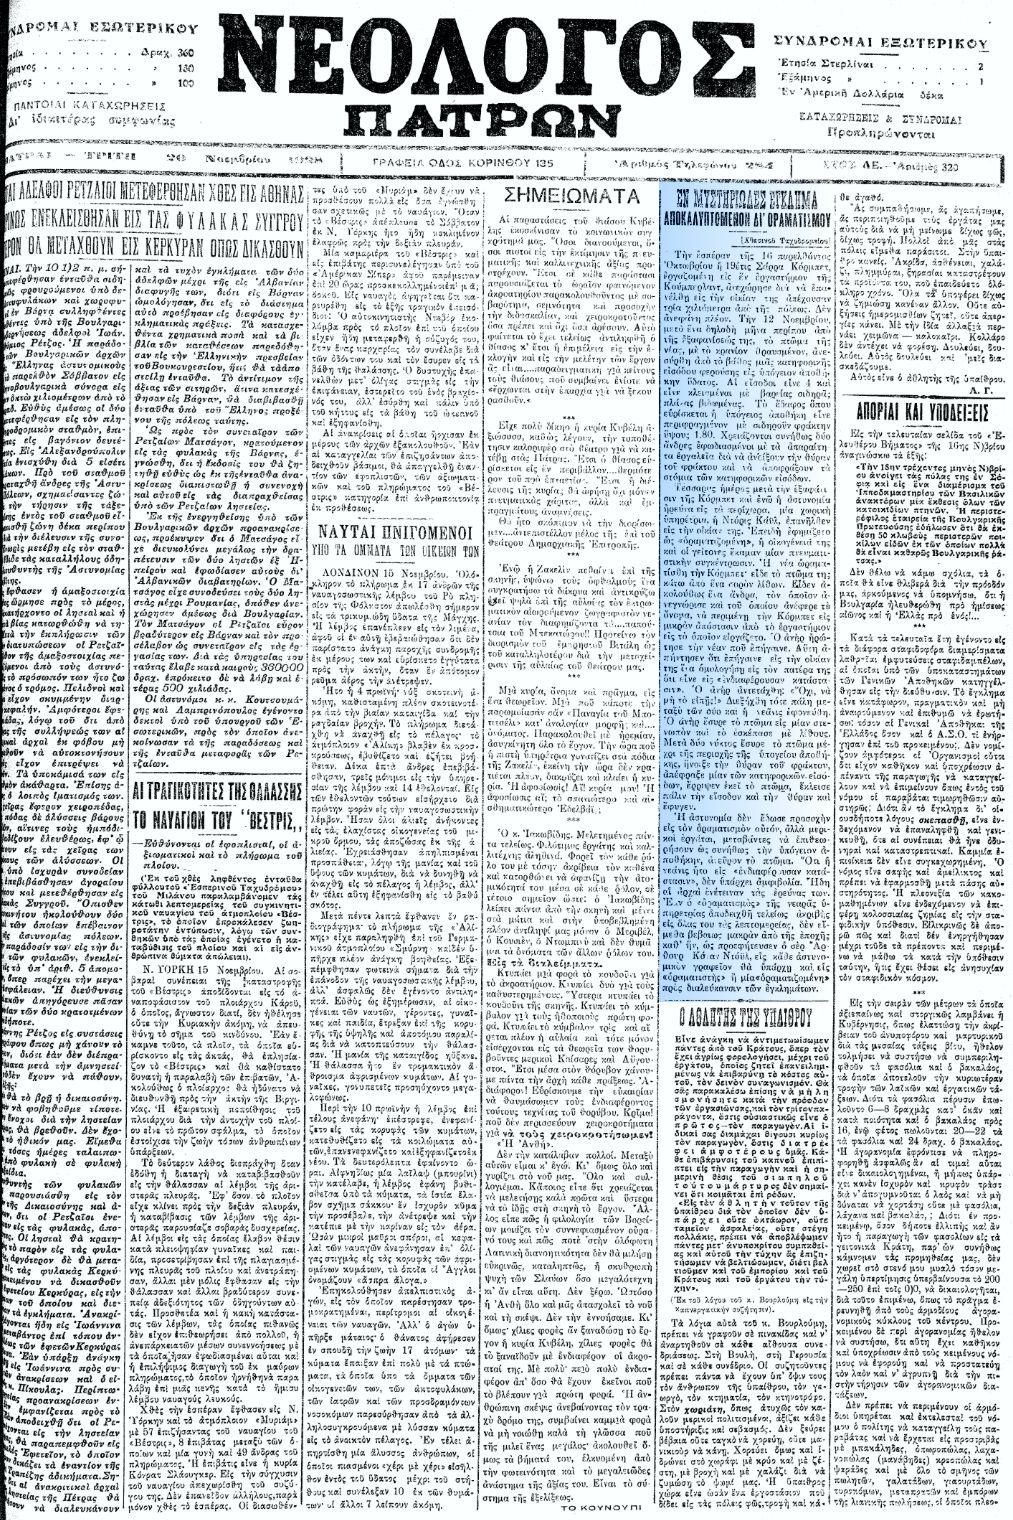 """Το άρθρο, όπως δημοσιεύθηκε στην εφημερίδα """"ΝΕΟΛΟΓΟΣ ΠΑΤΡΩΝ"""", στις 20/11/1928"""